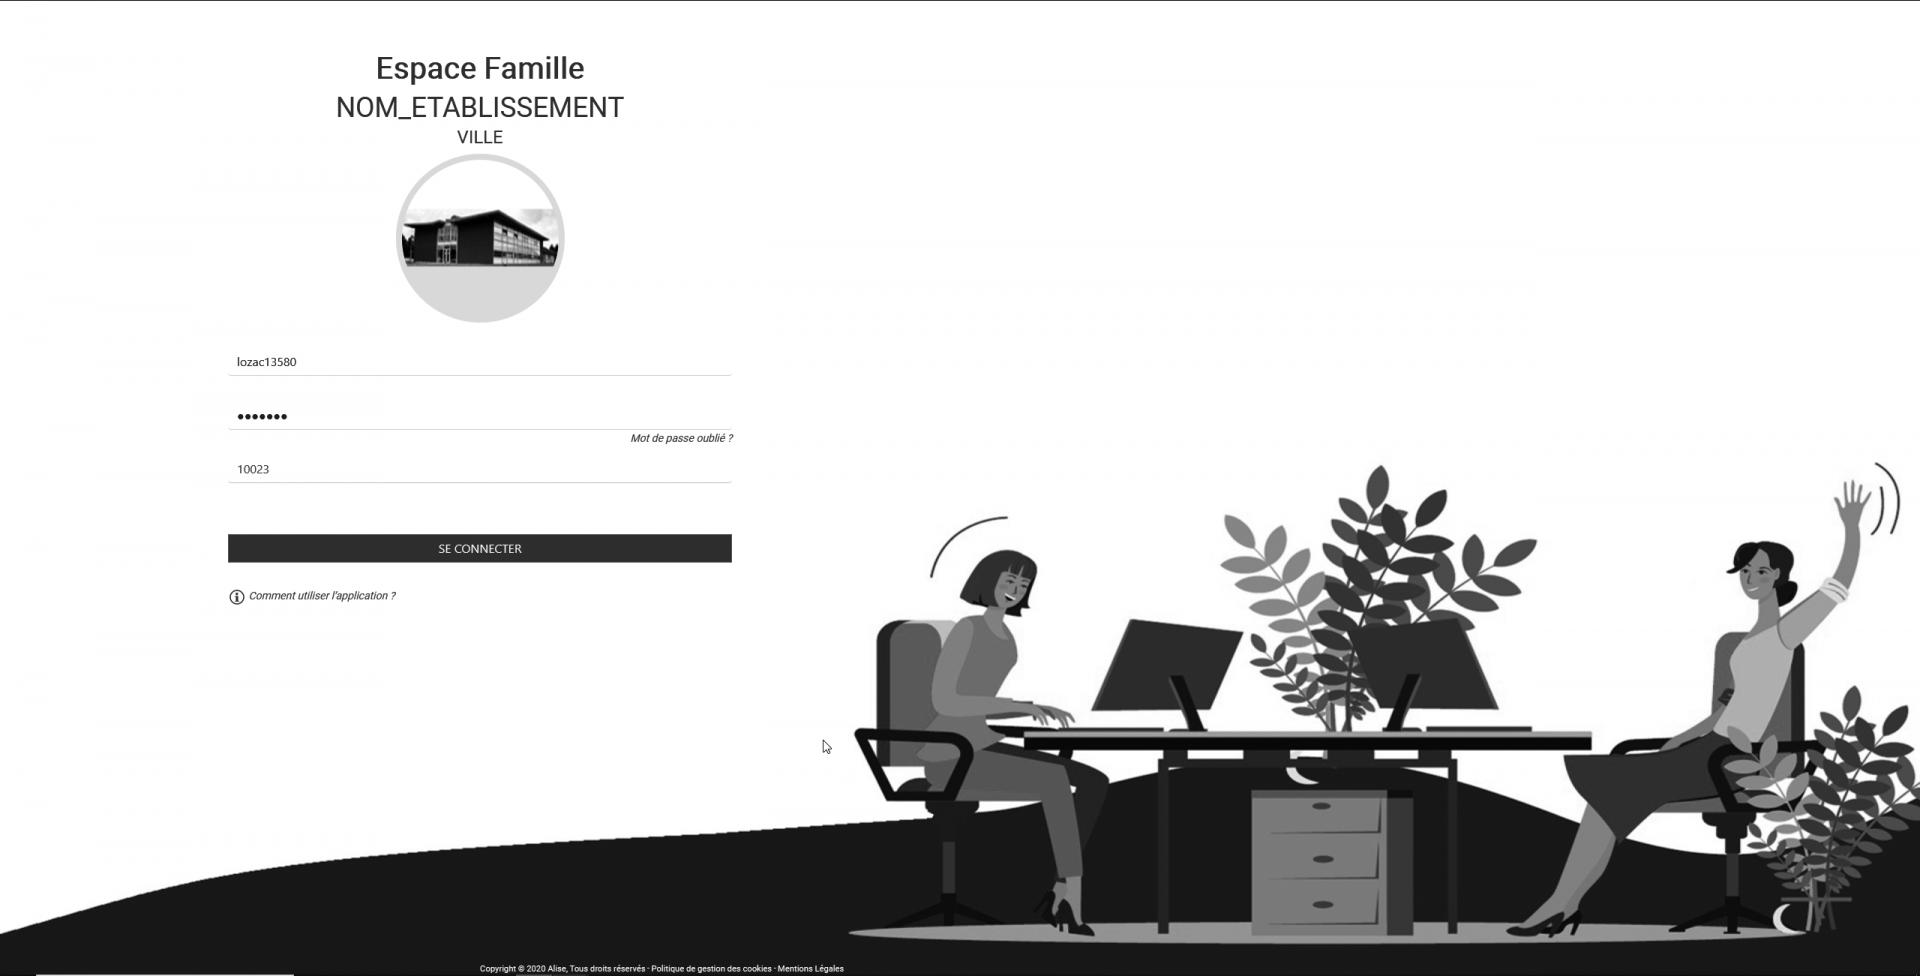 espace-famille-paiement-cantine-internet